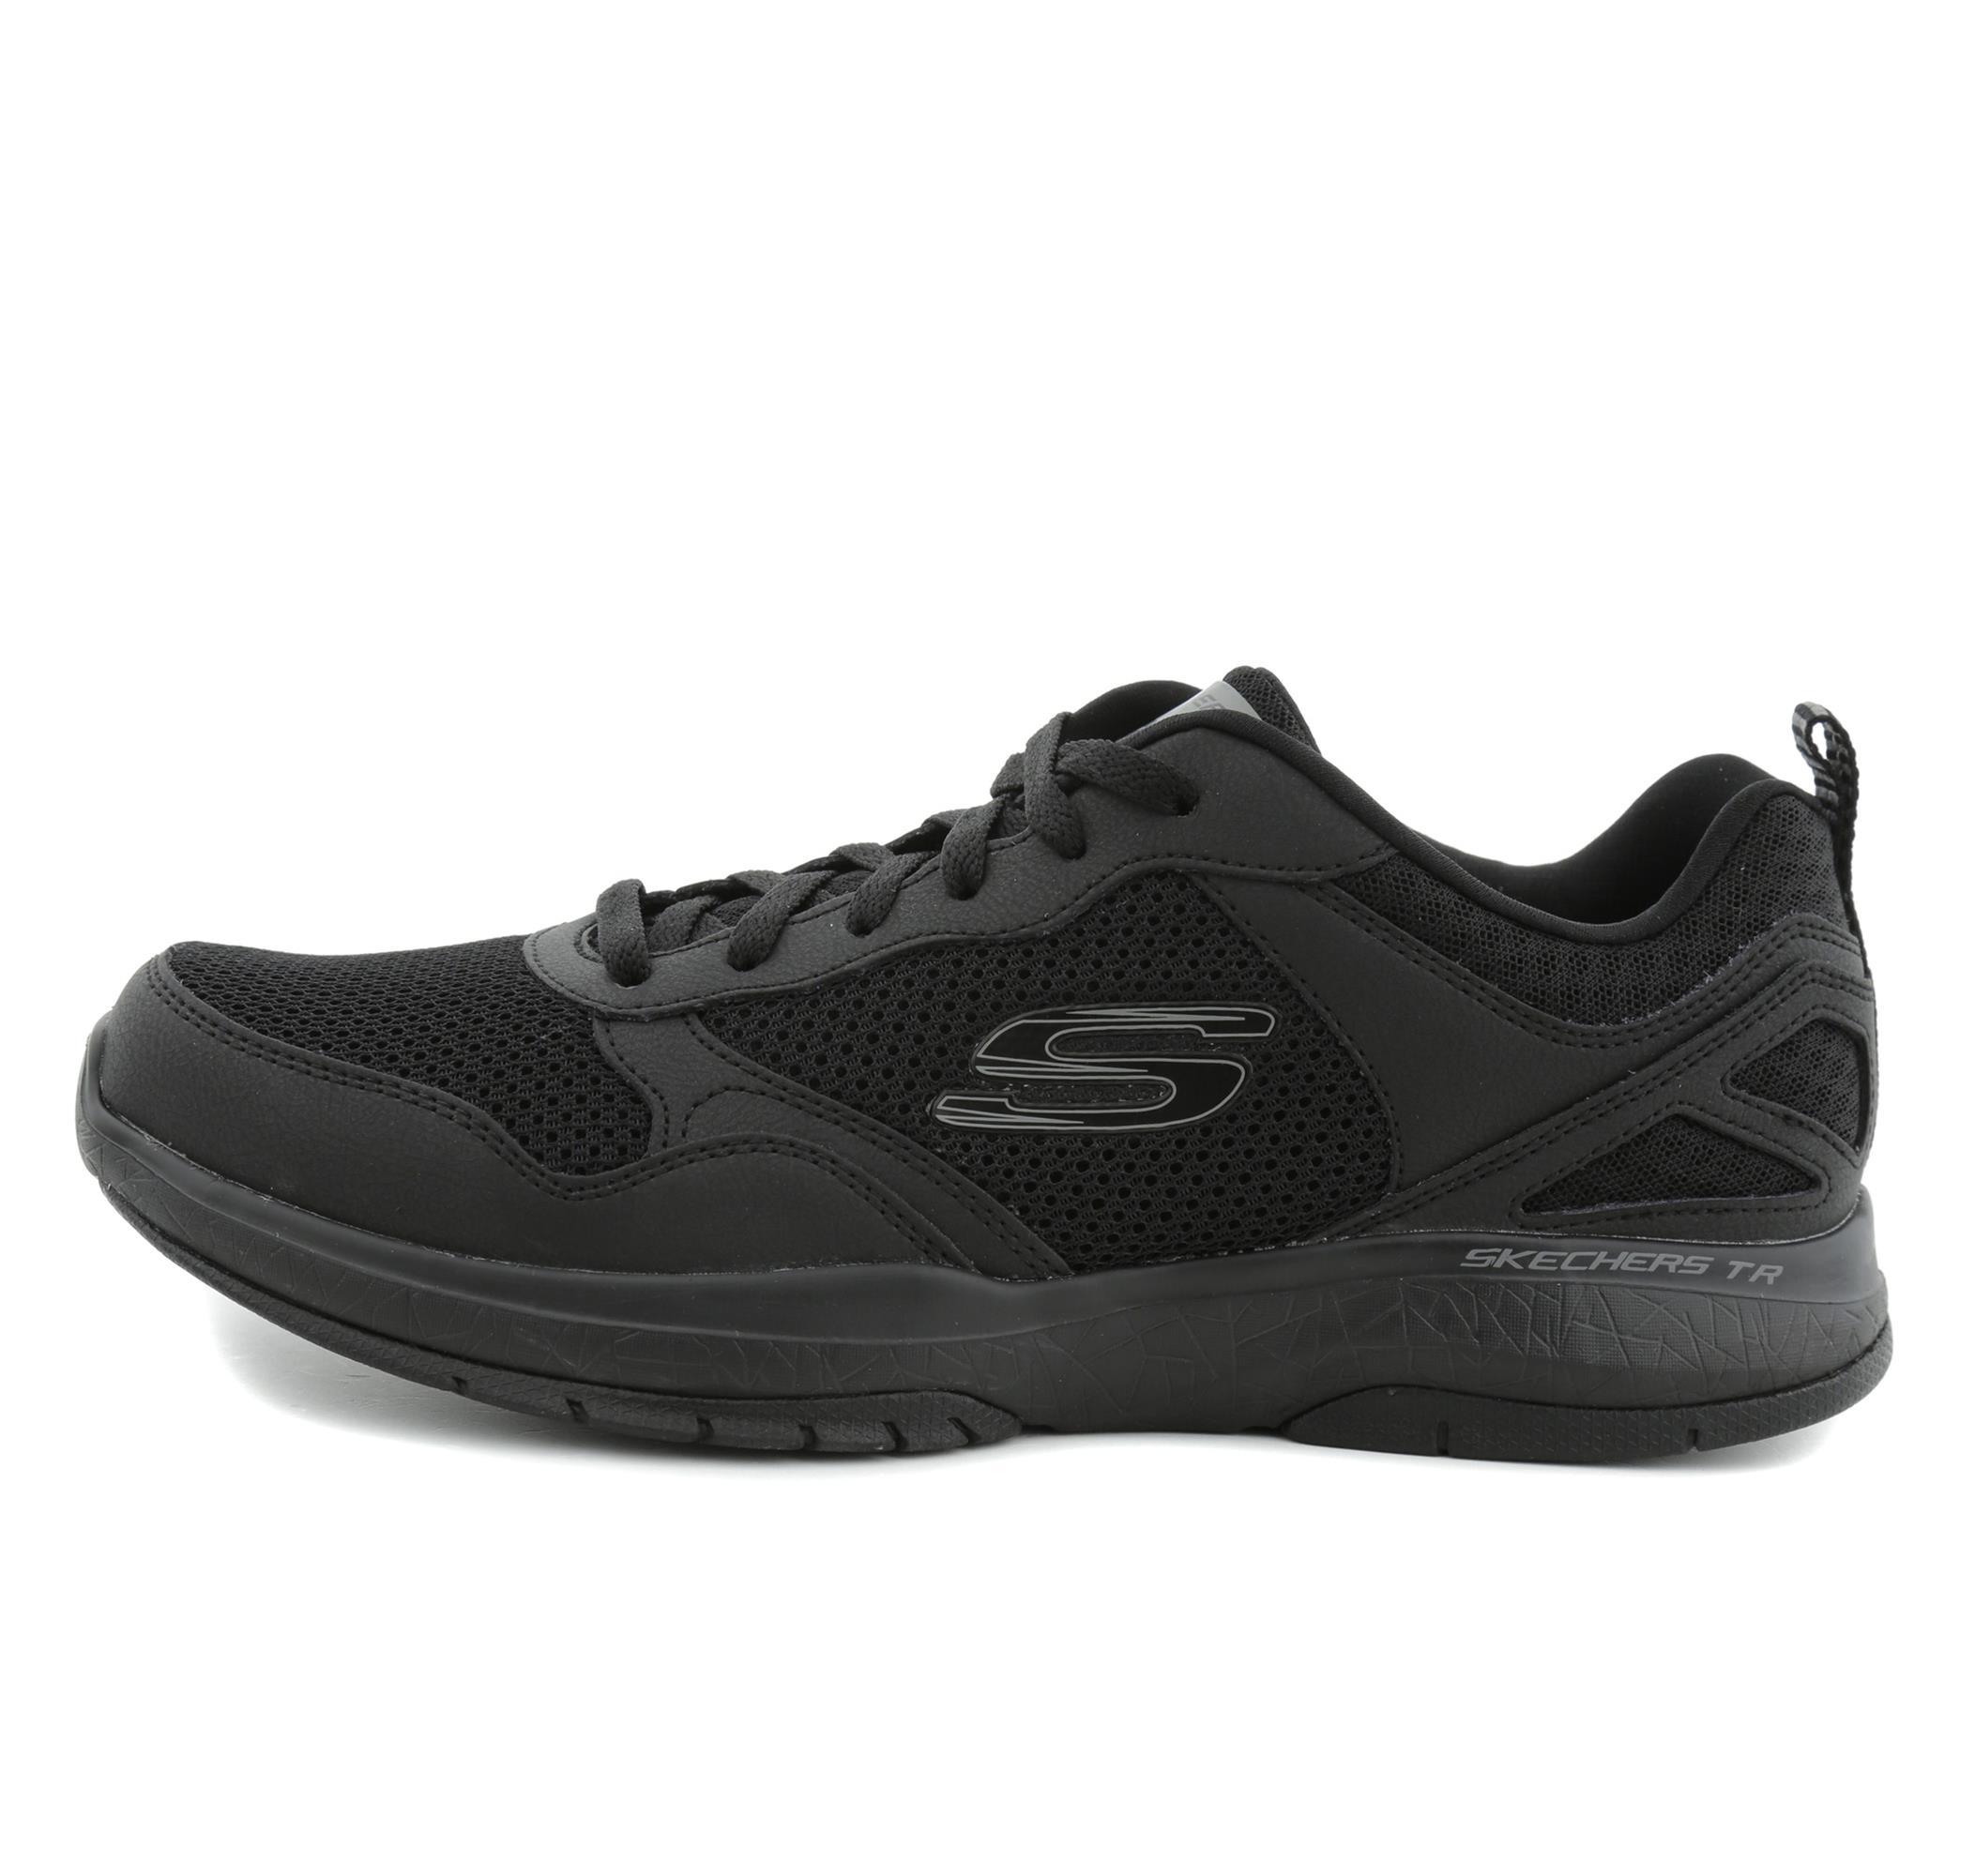 Skechers Burst Tr - Halpert Erkek Ayakkabı Siyah SKC52606 BBK